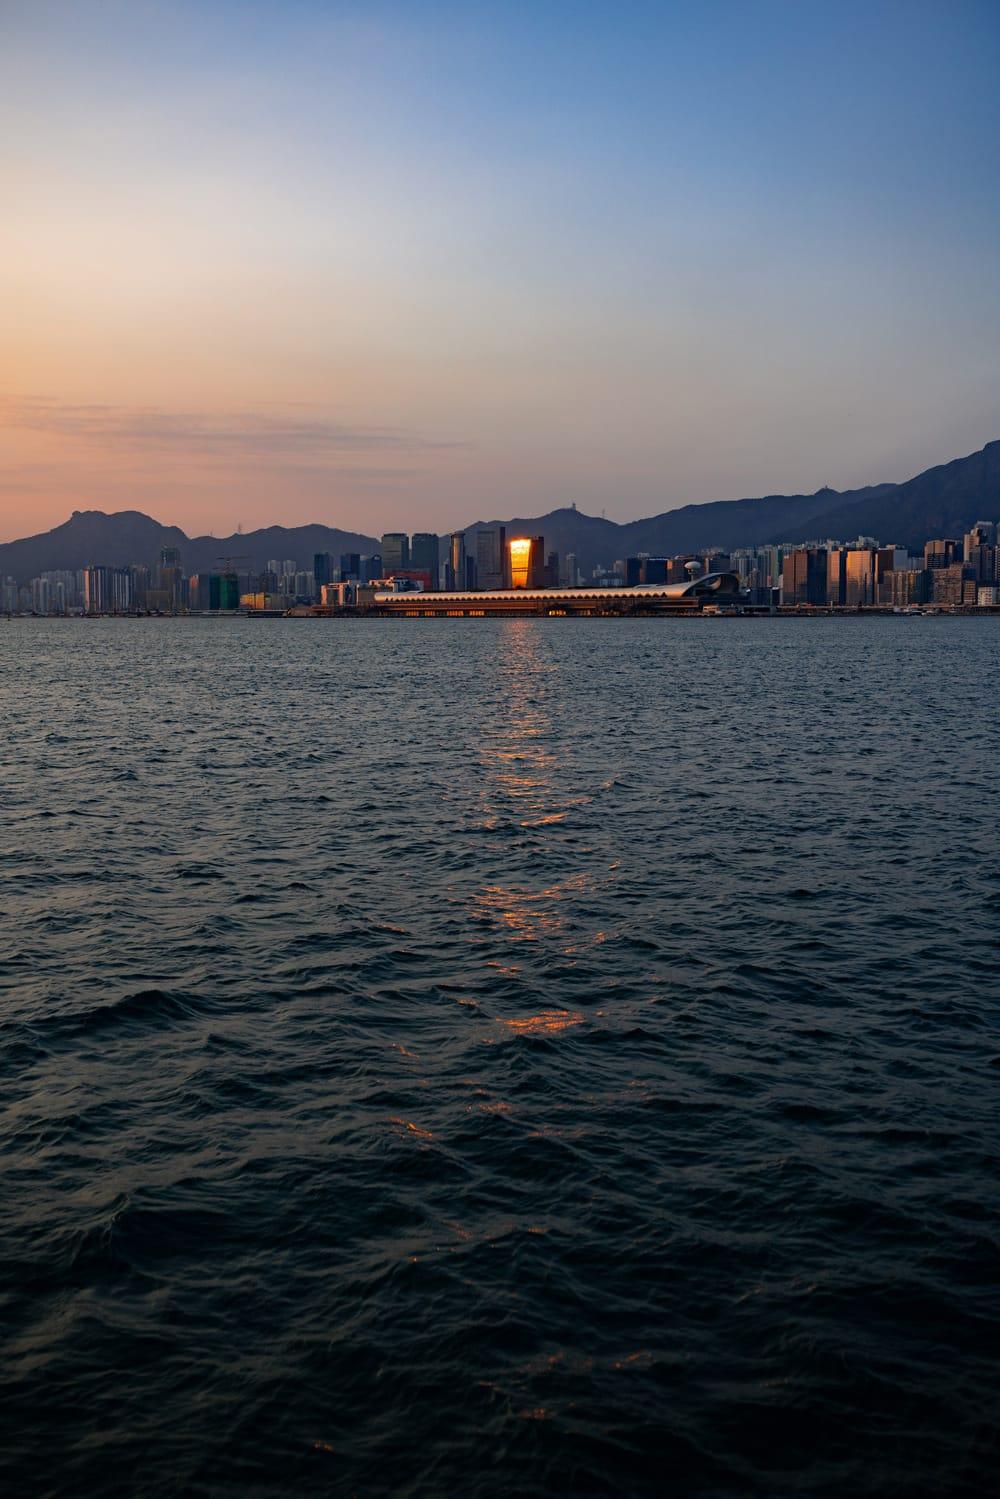 Blick auf das neue Kai Tak Cruise Terminal vom Meer aus, Foto: Red John / Unsplash